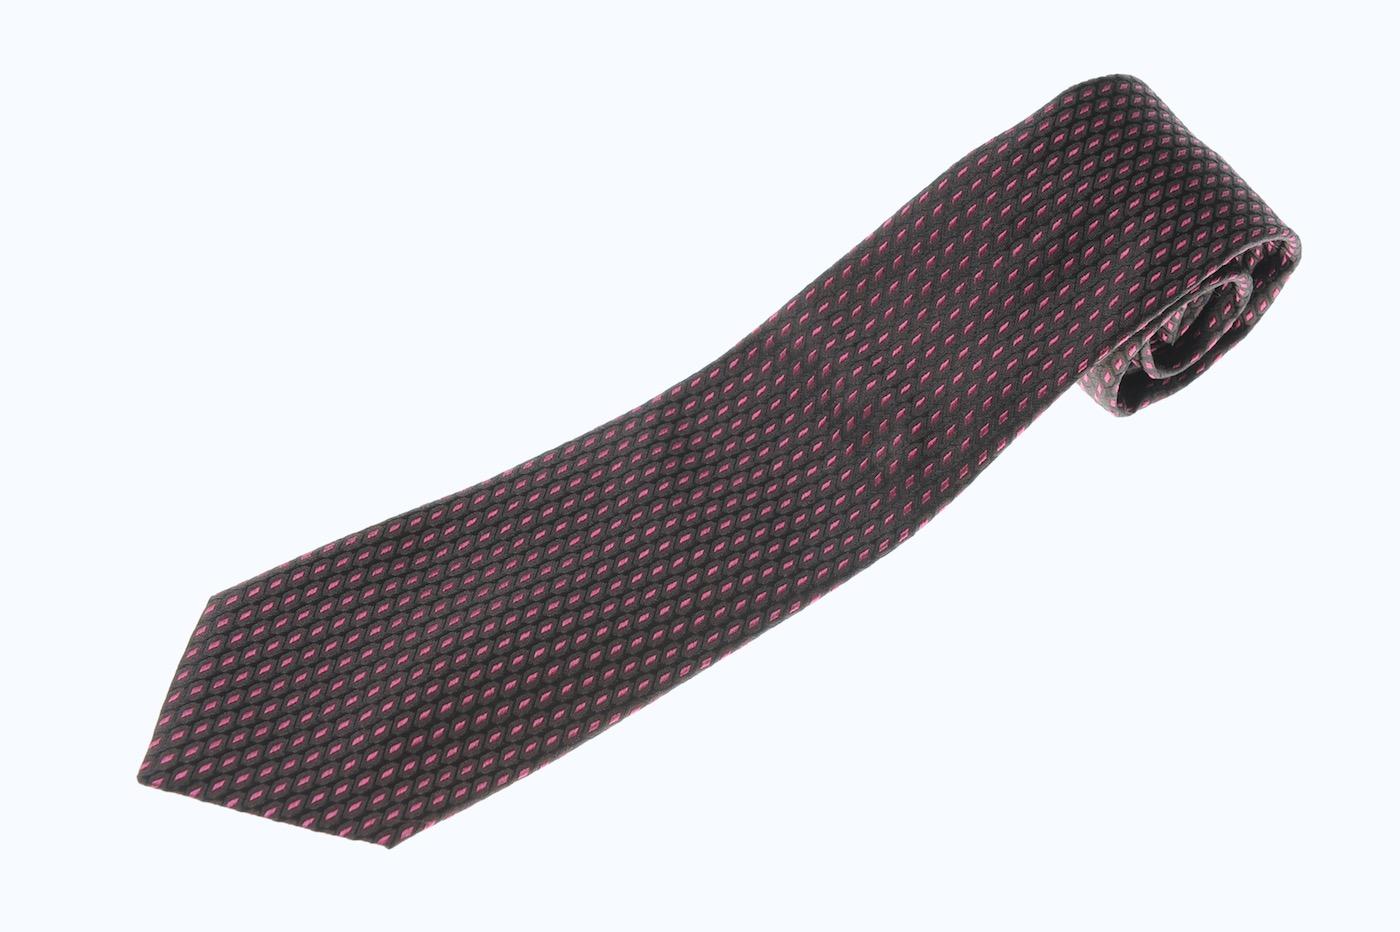 画像1: アルマーニコレツィオーニ ネクタイ 黒xピンク系 (1)